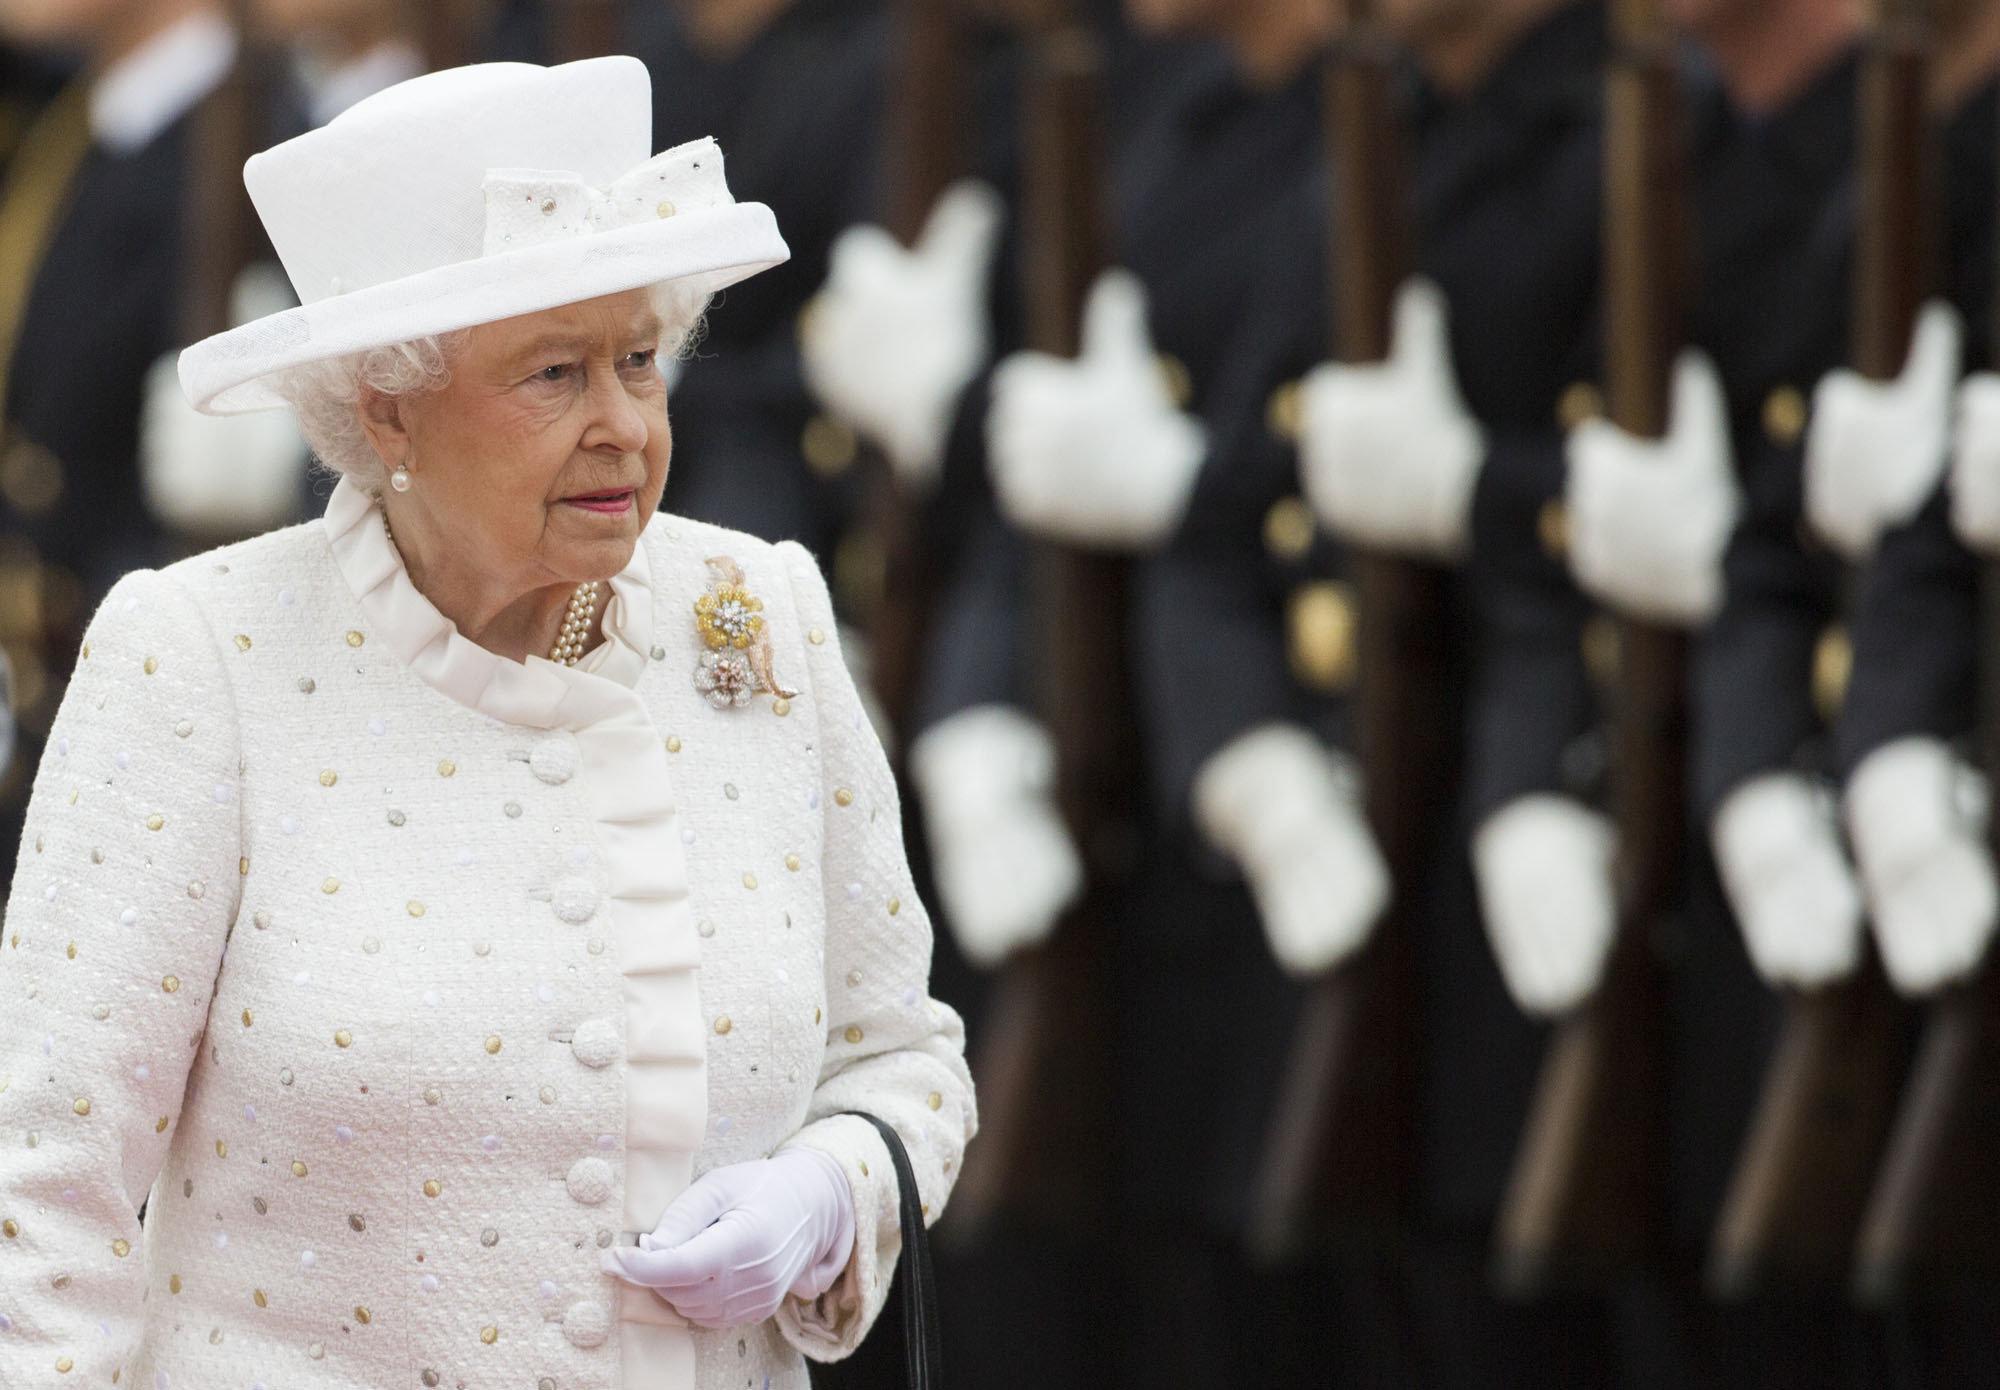 Взгляд Guardian на королеву в 90 лет: пора поговорить о переменах